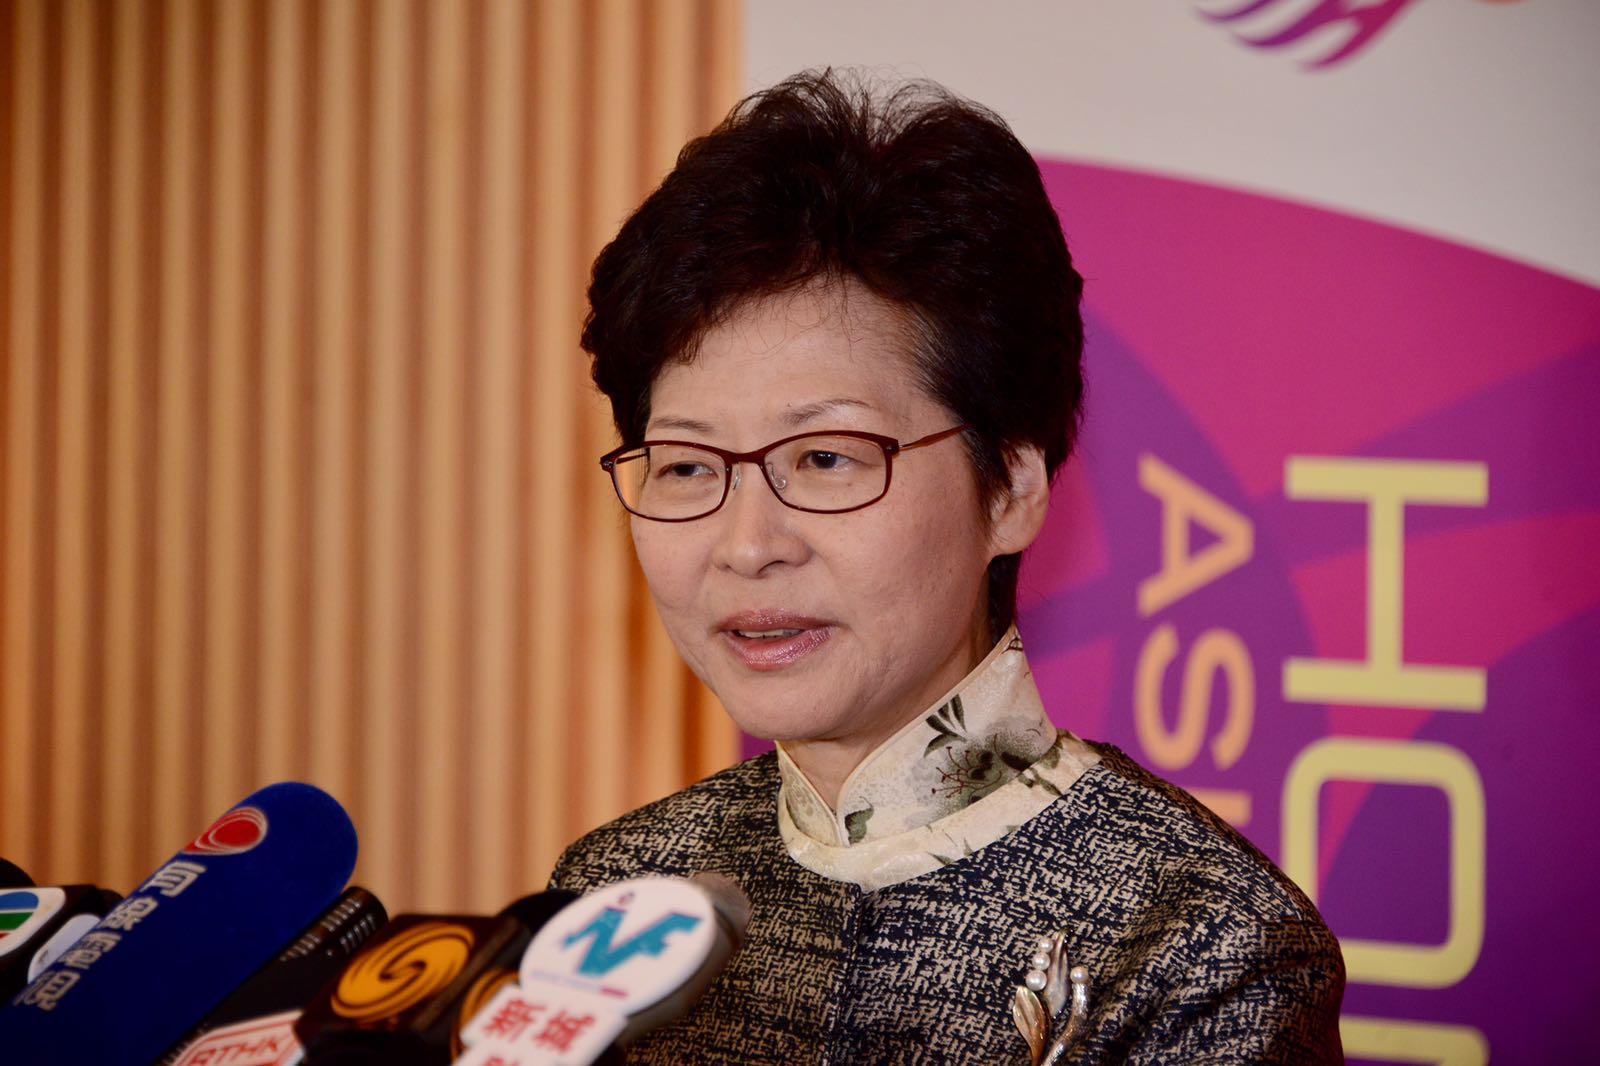 據悉,行政長官林鄭月娥和部份主要官員本周三晚上7時至9時在政府總部舉行「對話會」。資料圖片